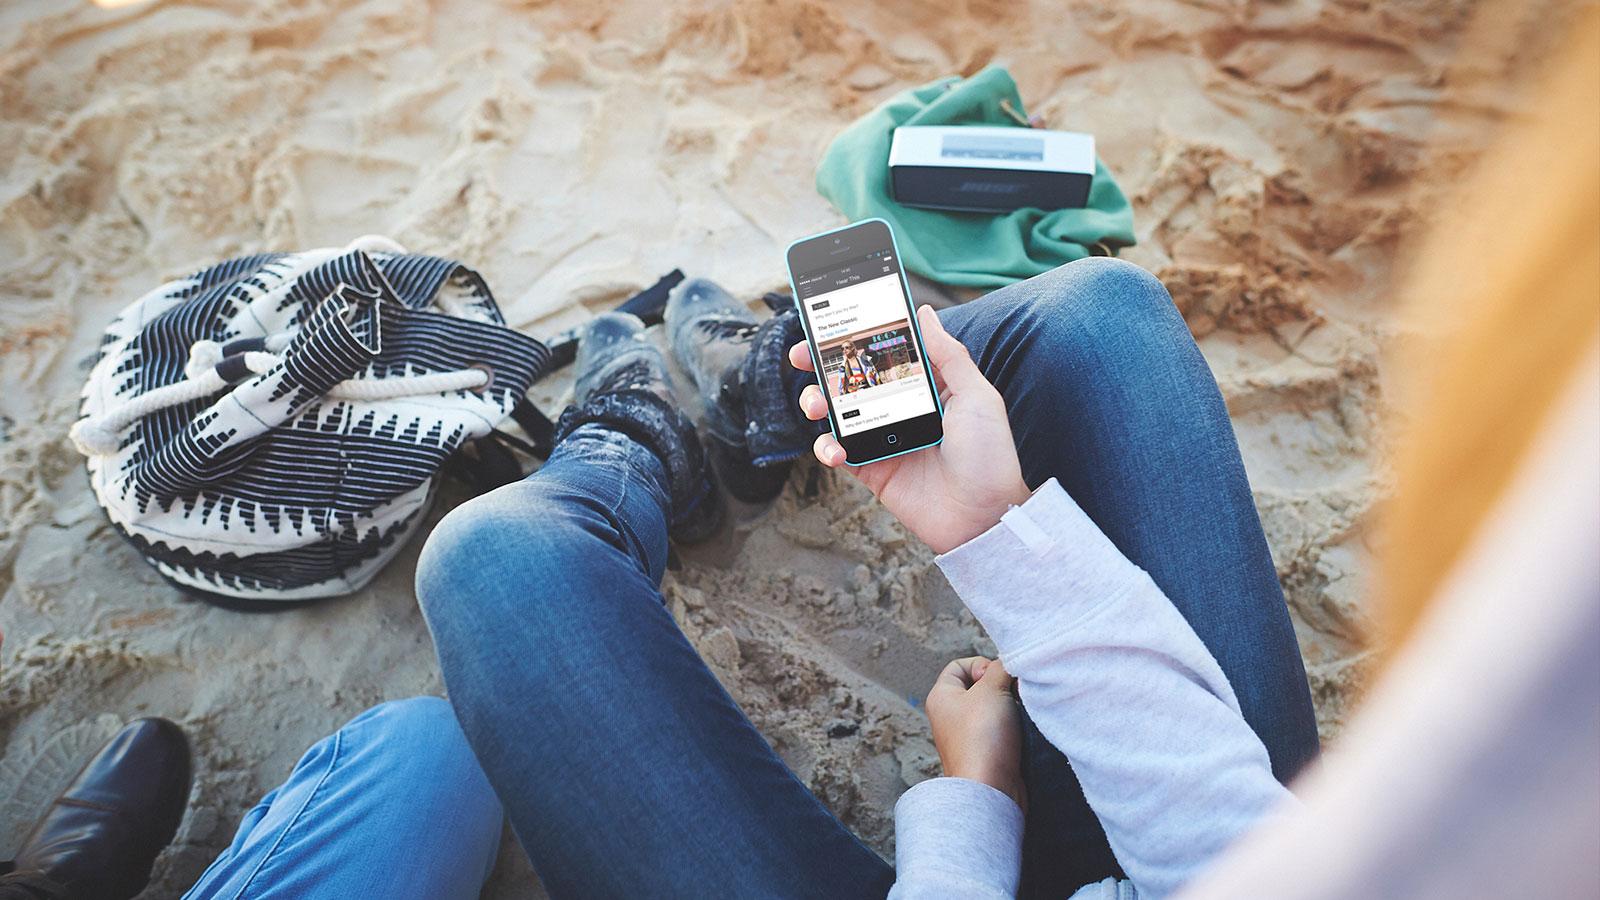 Vergleich der Musik-Streaming-Dienste